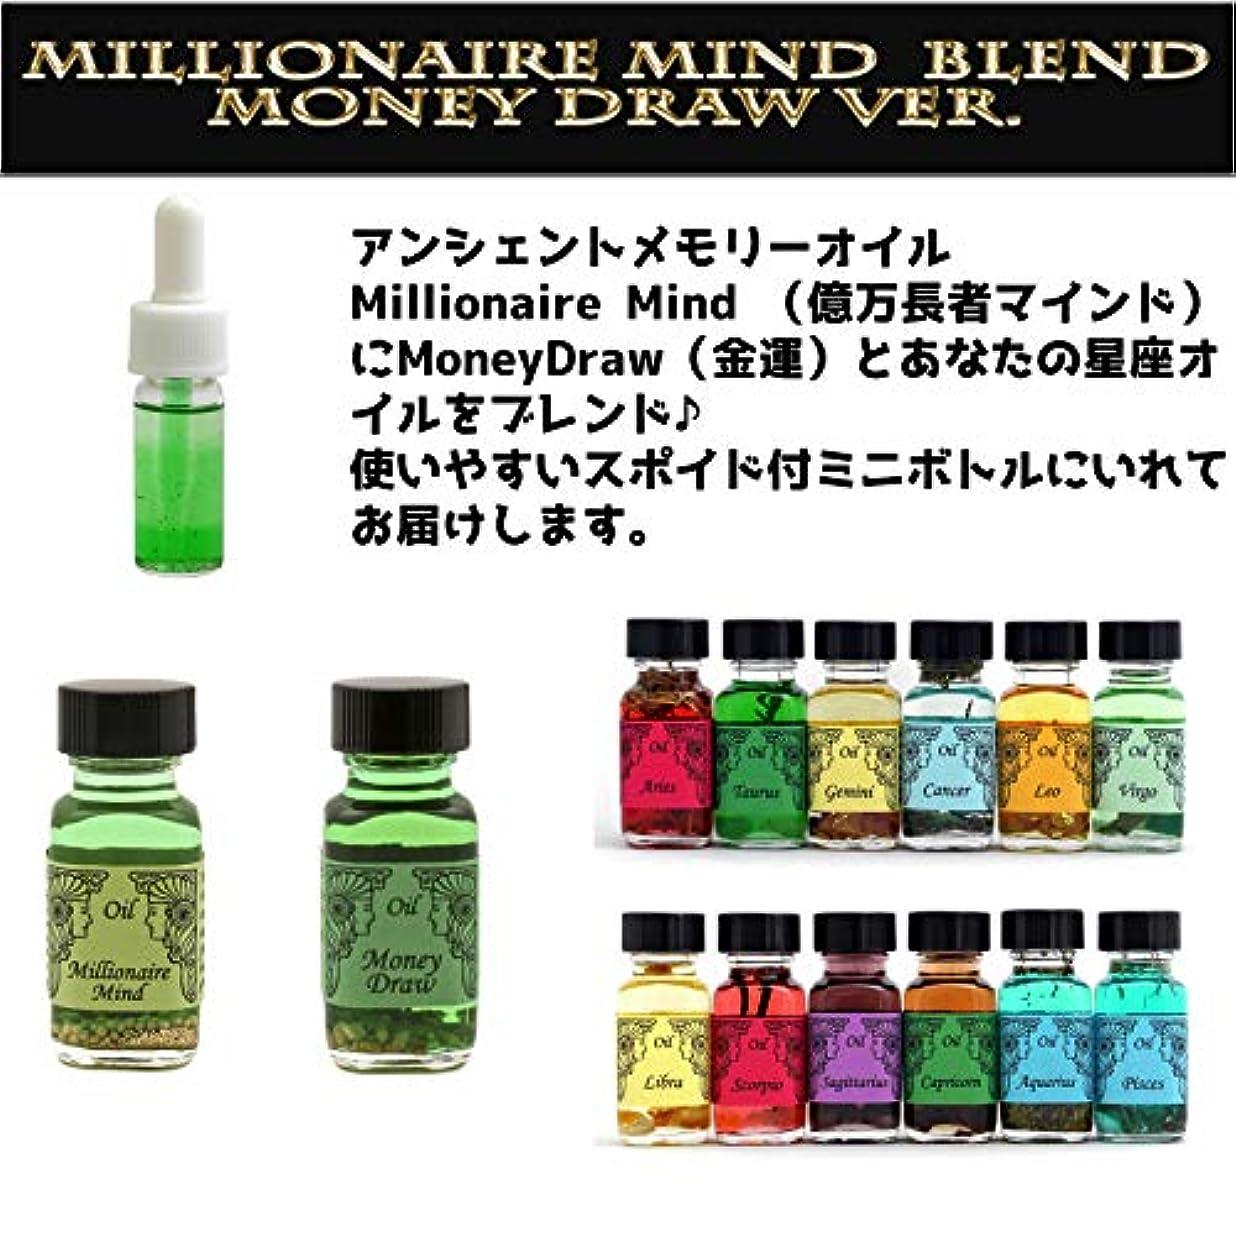 前提条件村プレフィックスアンシェントメモリーオイル Millionaire Mind 億万長者マインド ブレンド(Money Drawマネードロー(金運)&おとめ座